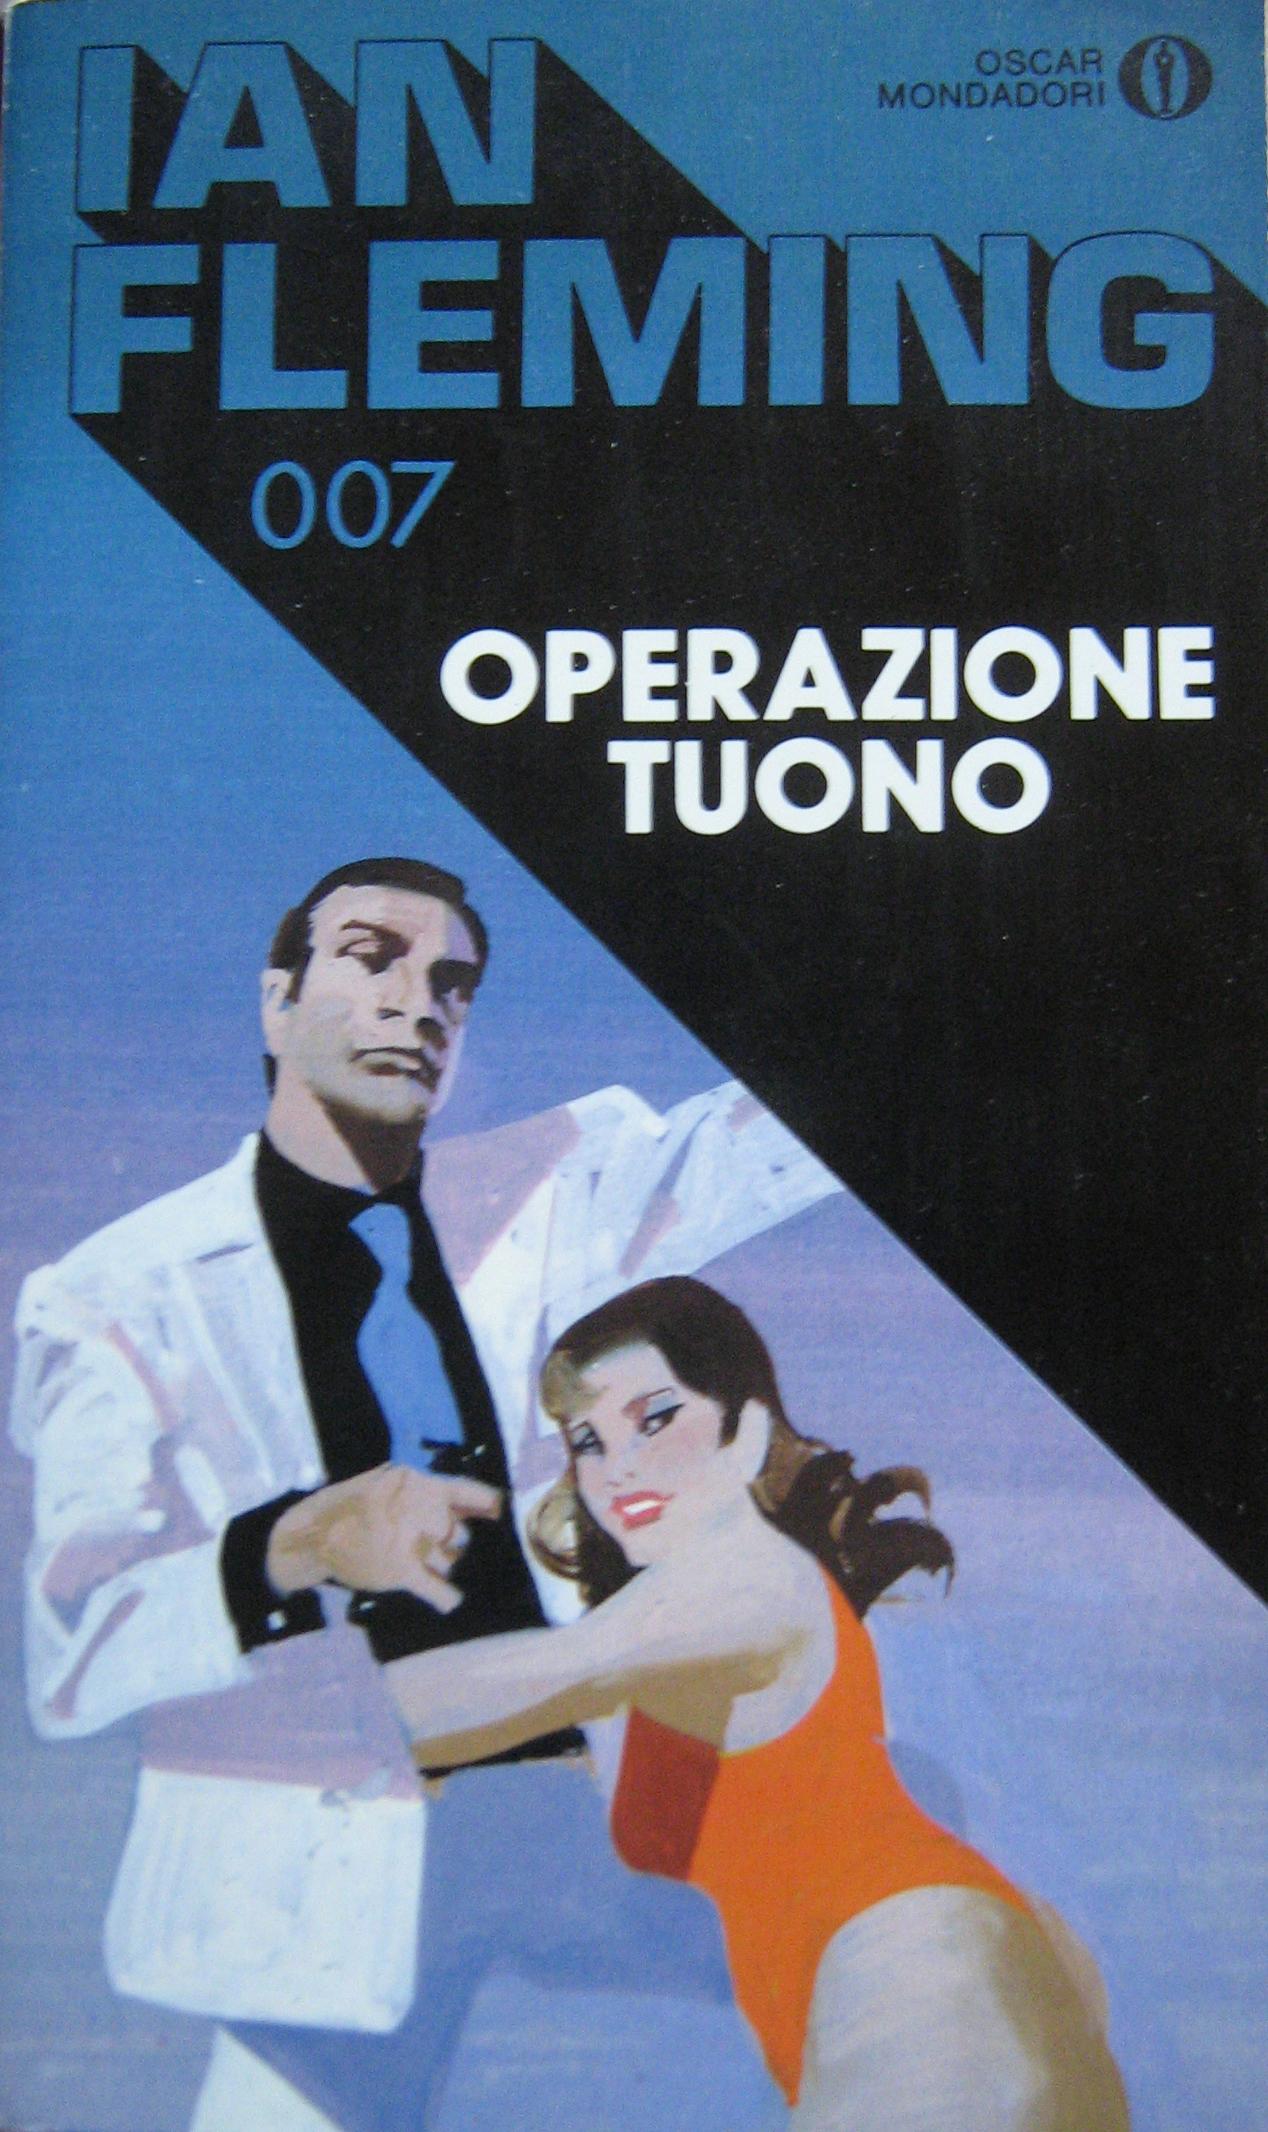 Operazione tuono